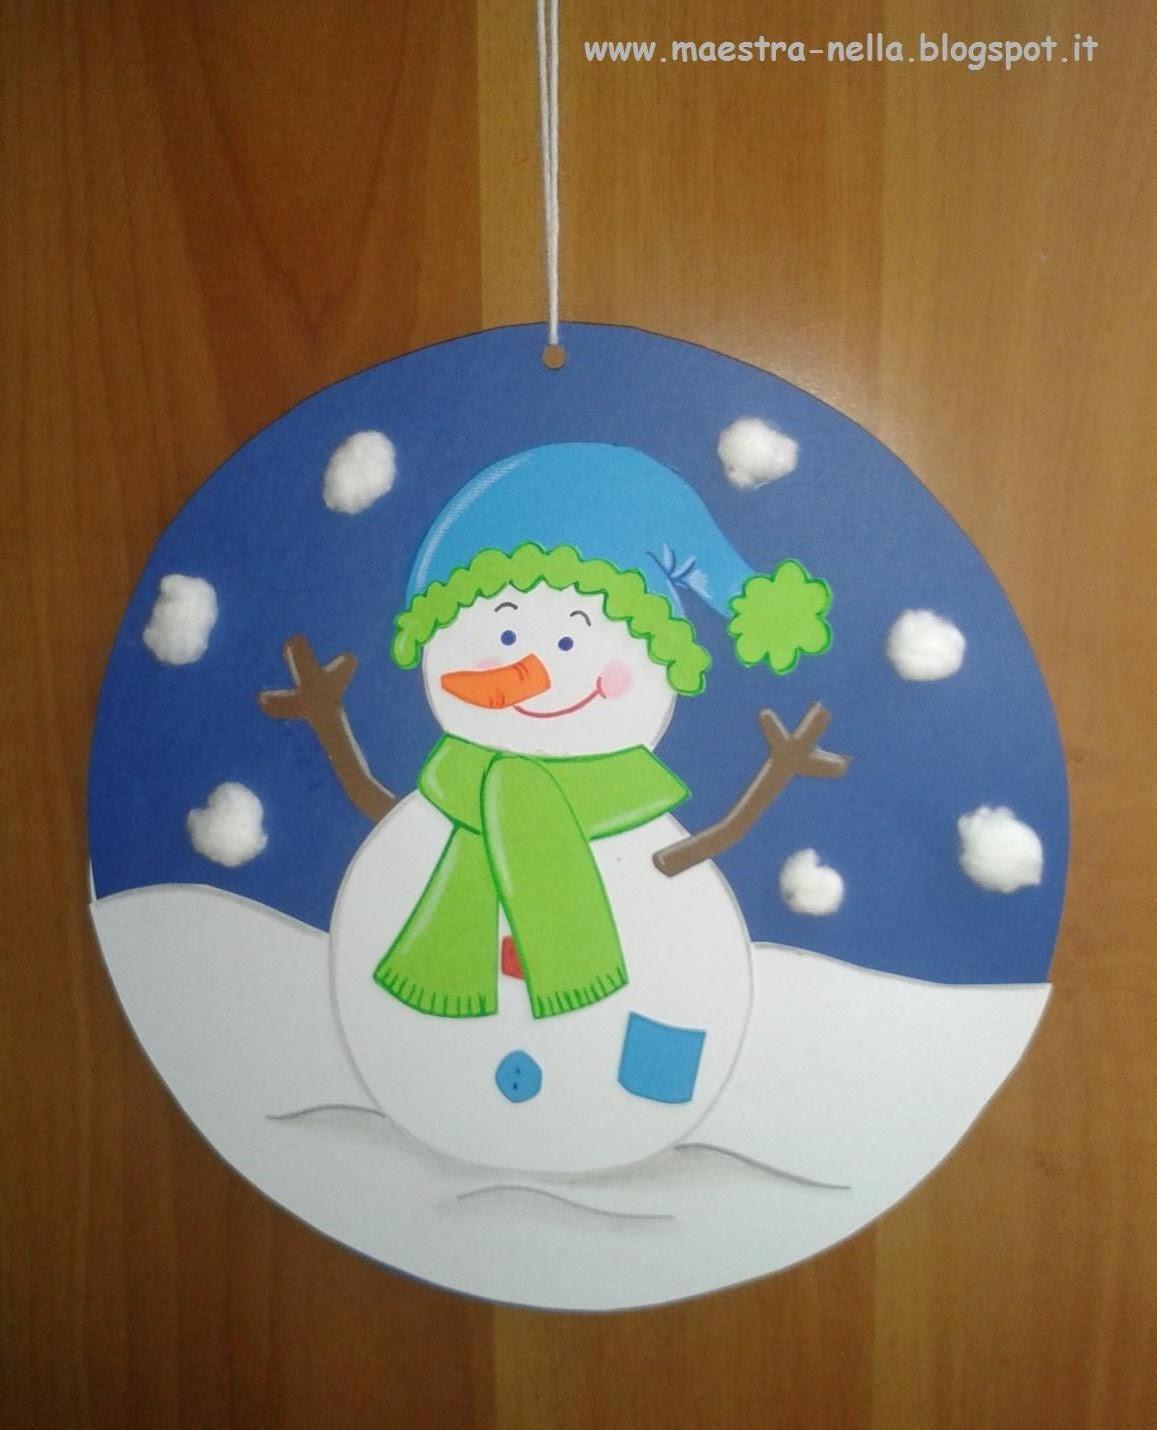 Maestra nella addobbi invernali for Cartelloni di natale per la scuola dell infanzia